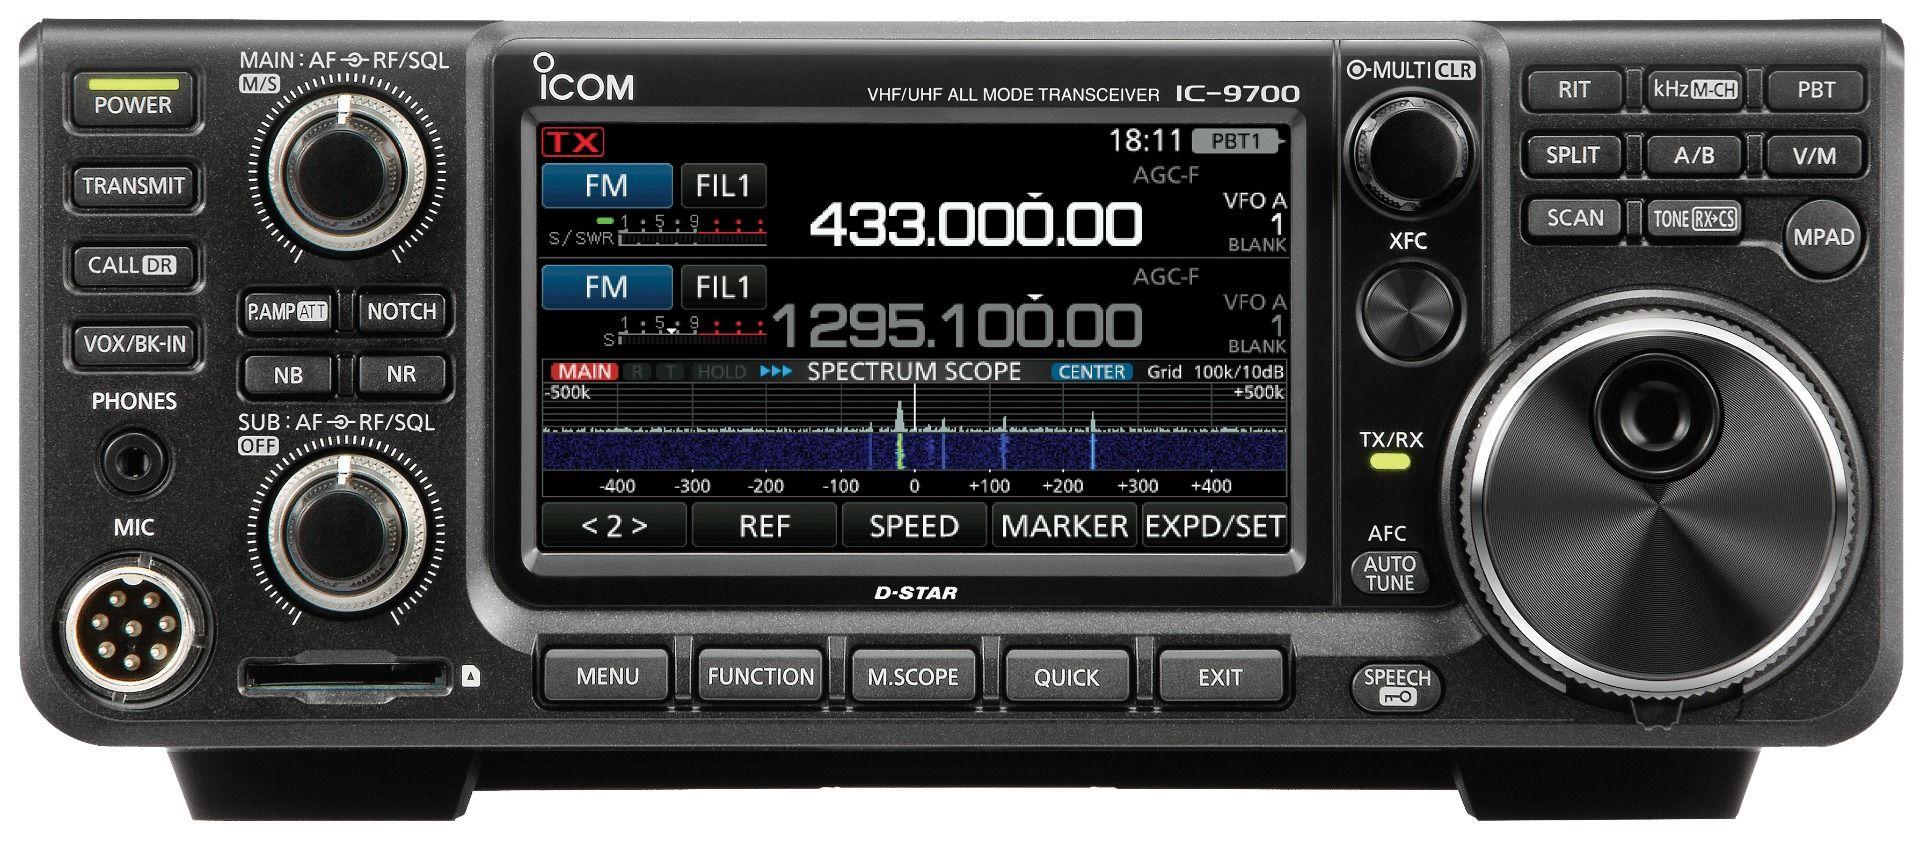 emisora para radioaficion todo modo 144MHz / 430MHz y 1200MHz